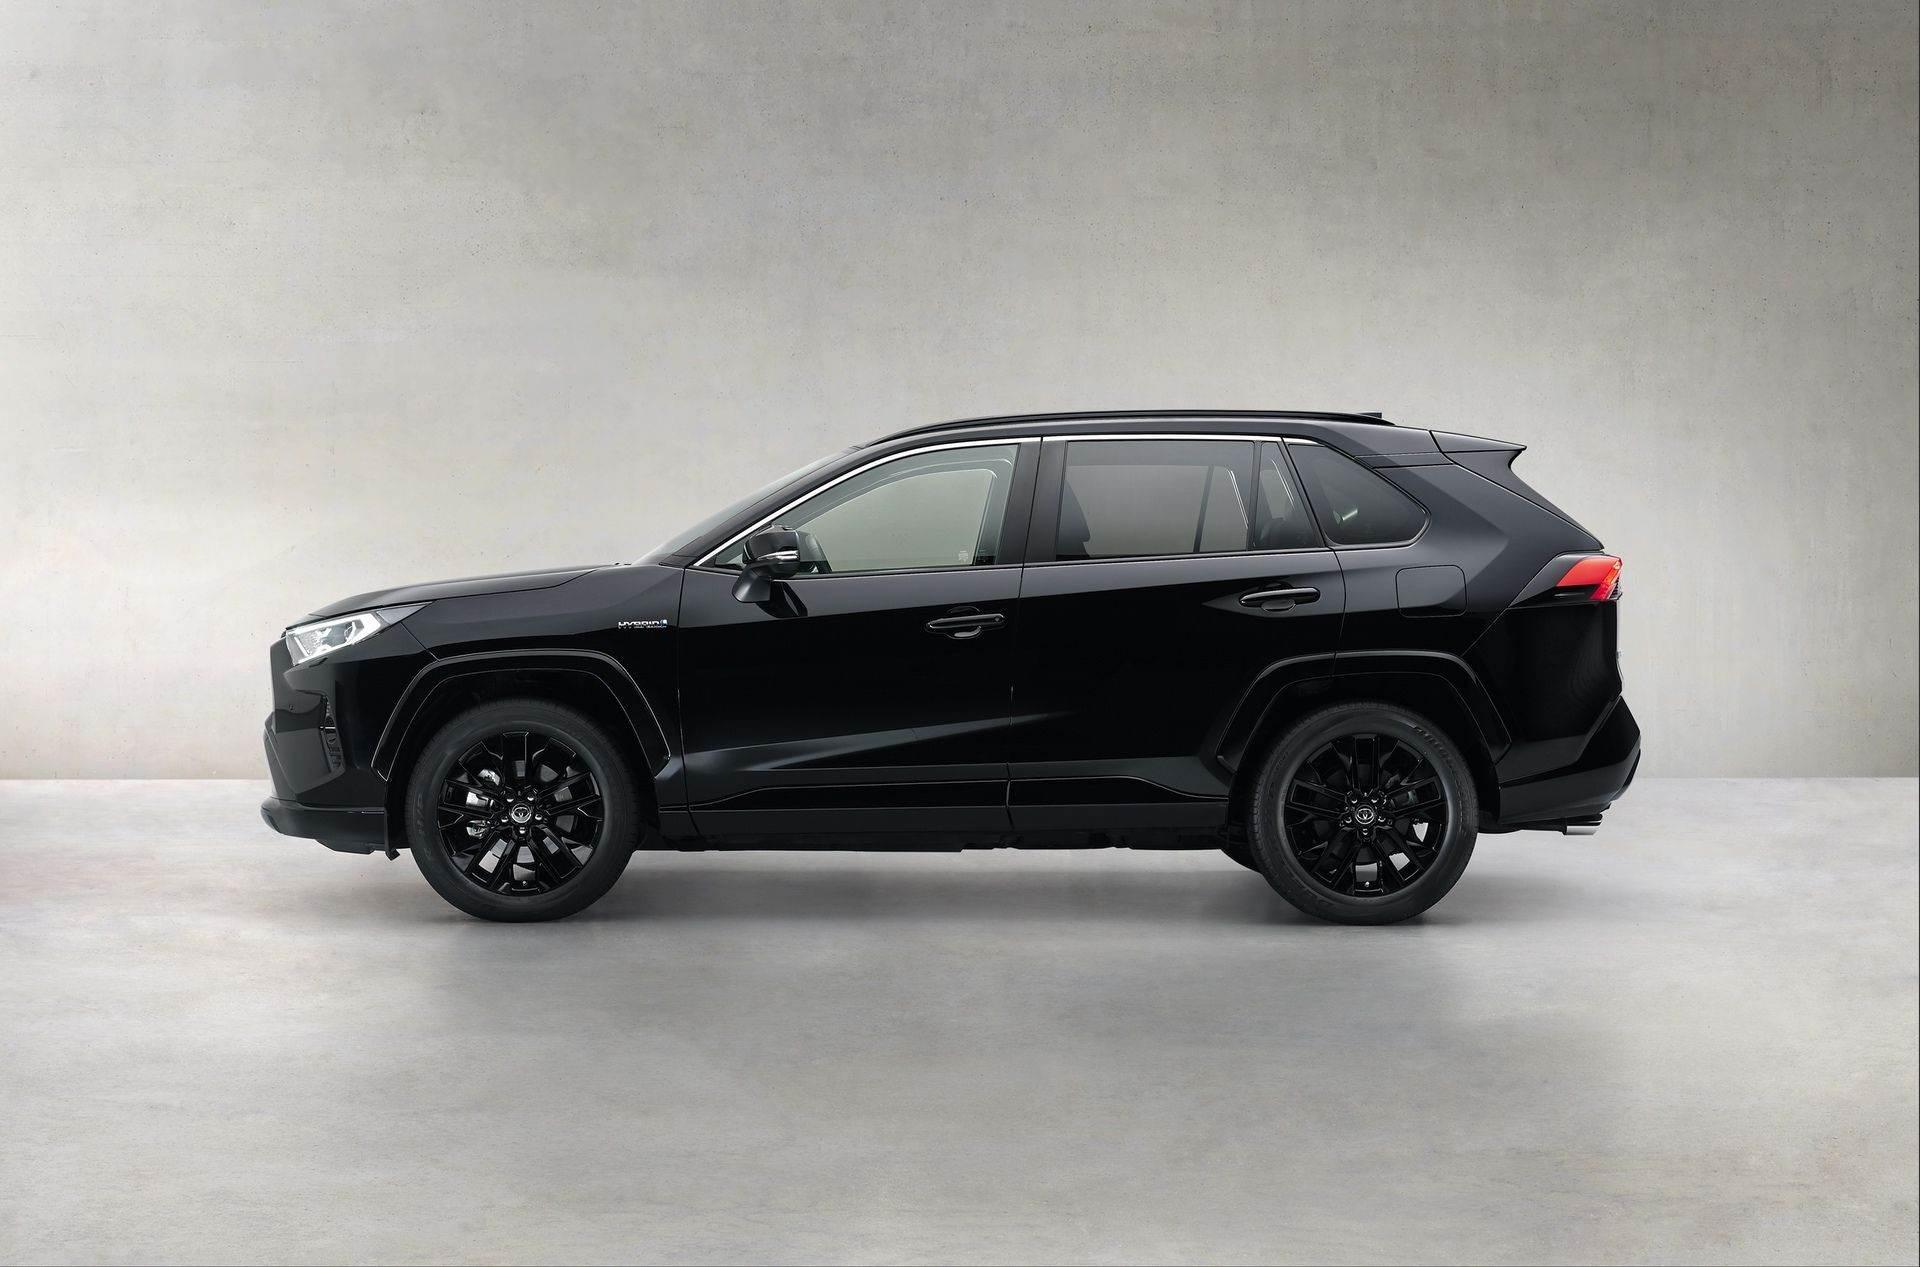 Toyota_RAV4_Hybrid_Black_Edition_0000